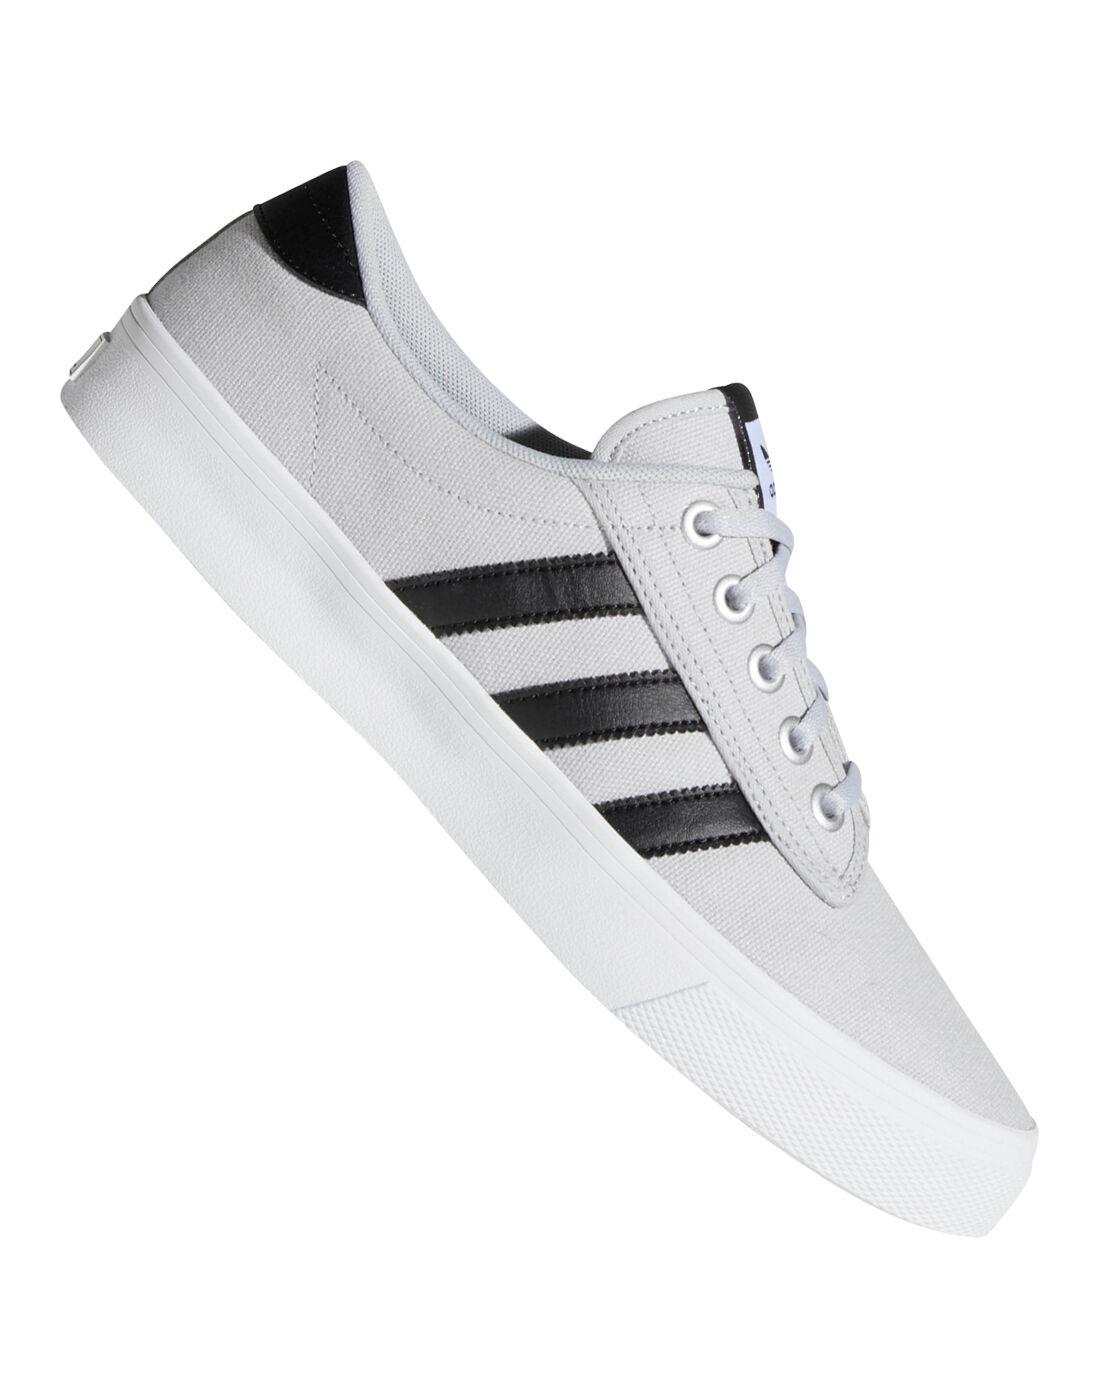 adidas originali mens kiel grey dello stile di vita sportiva